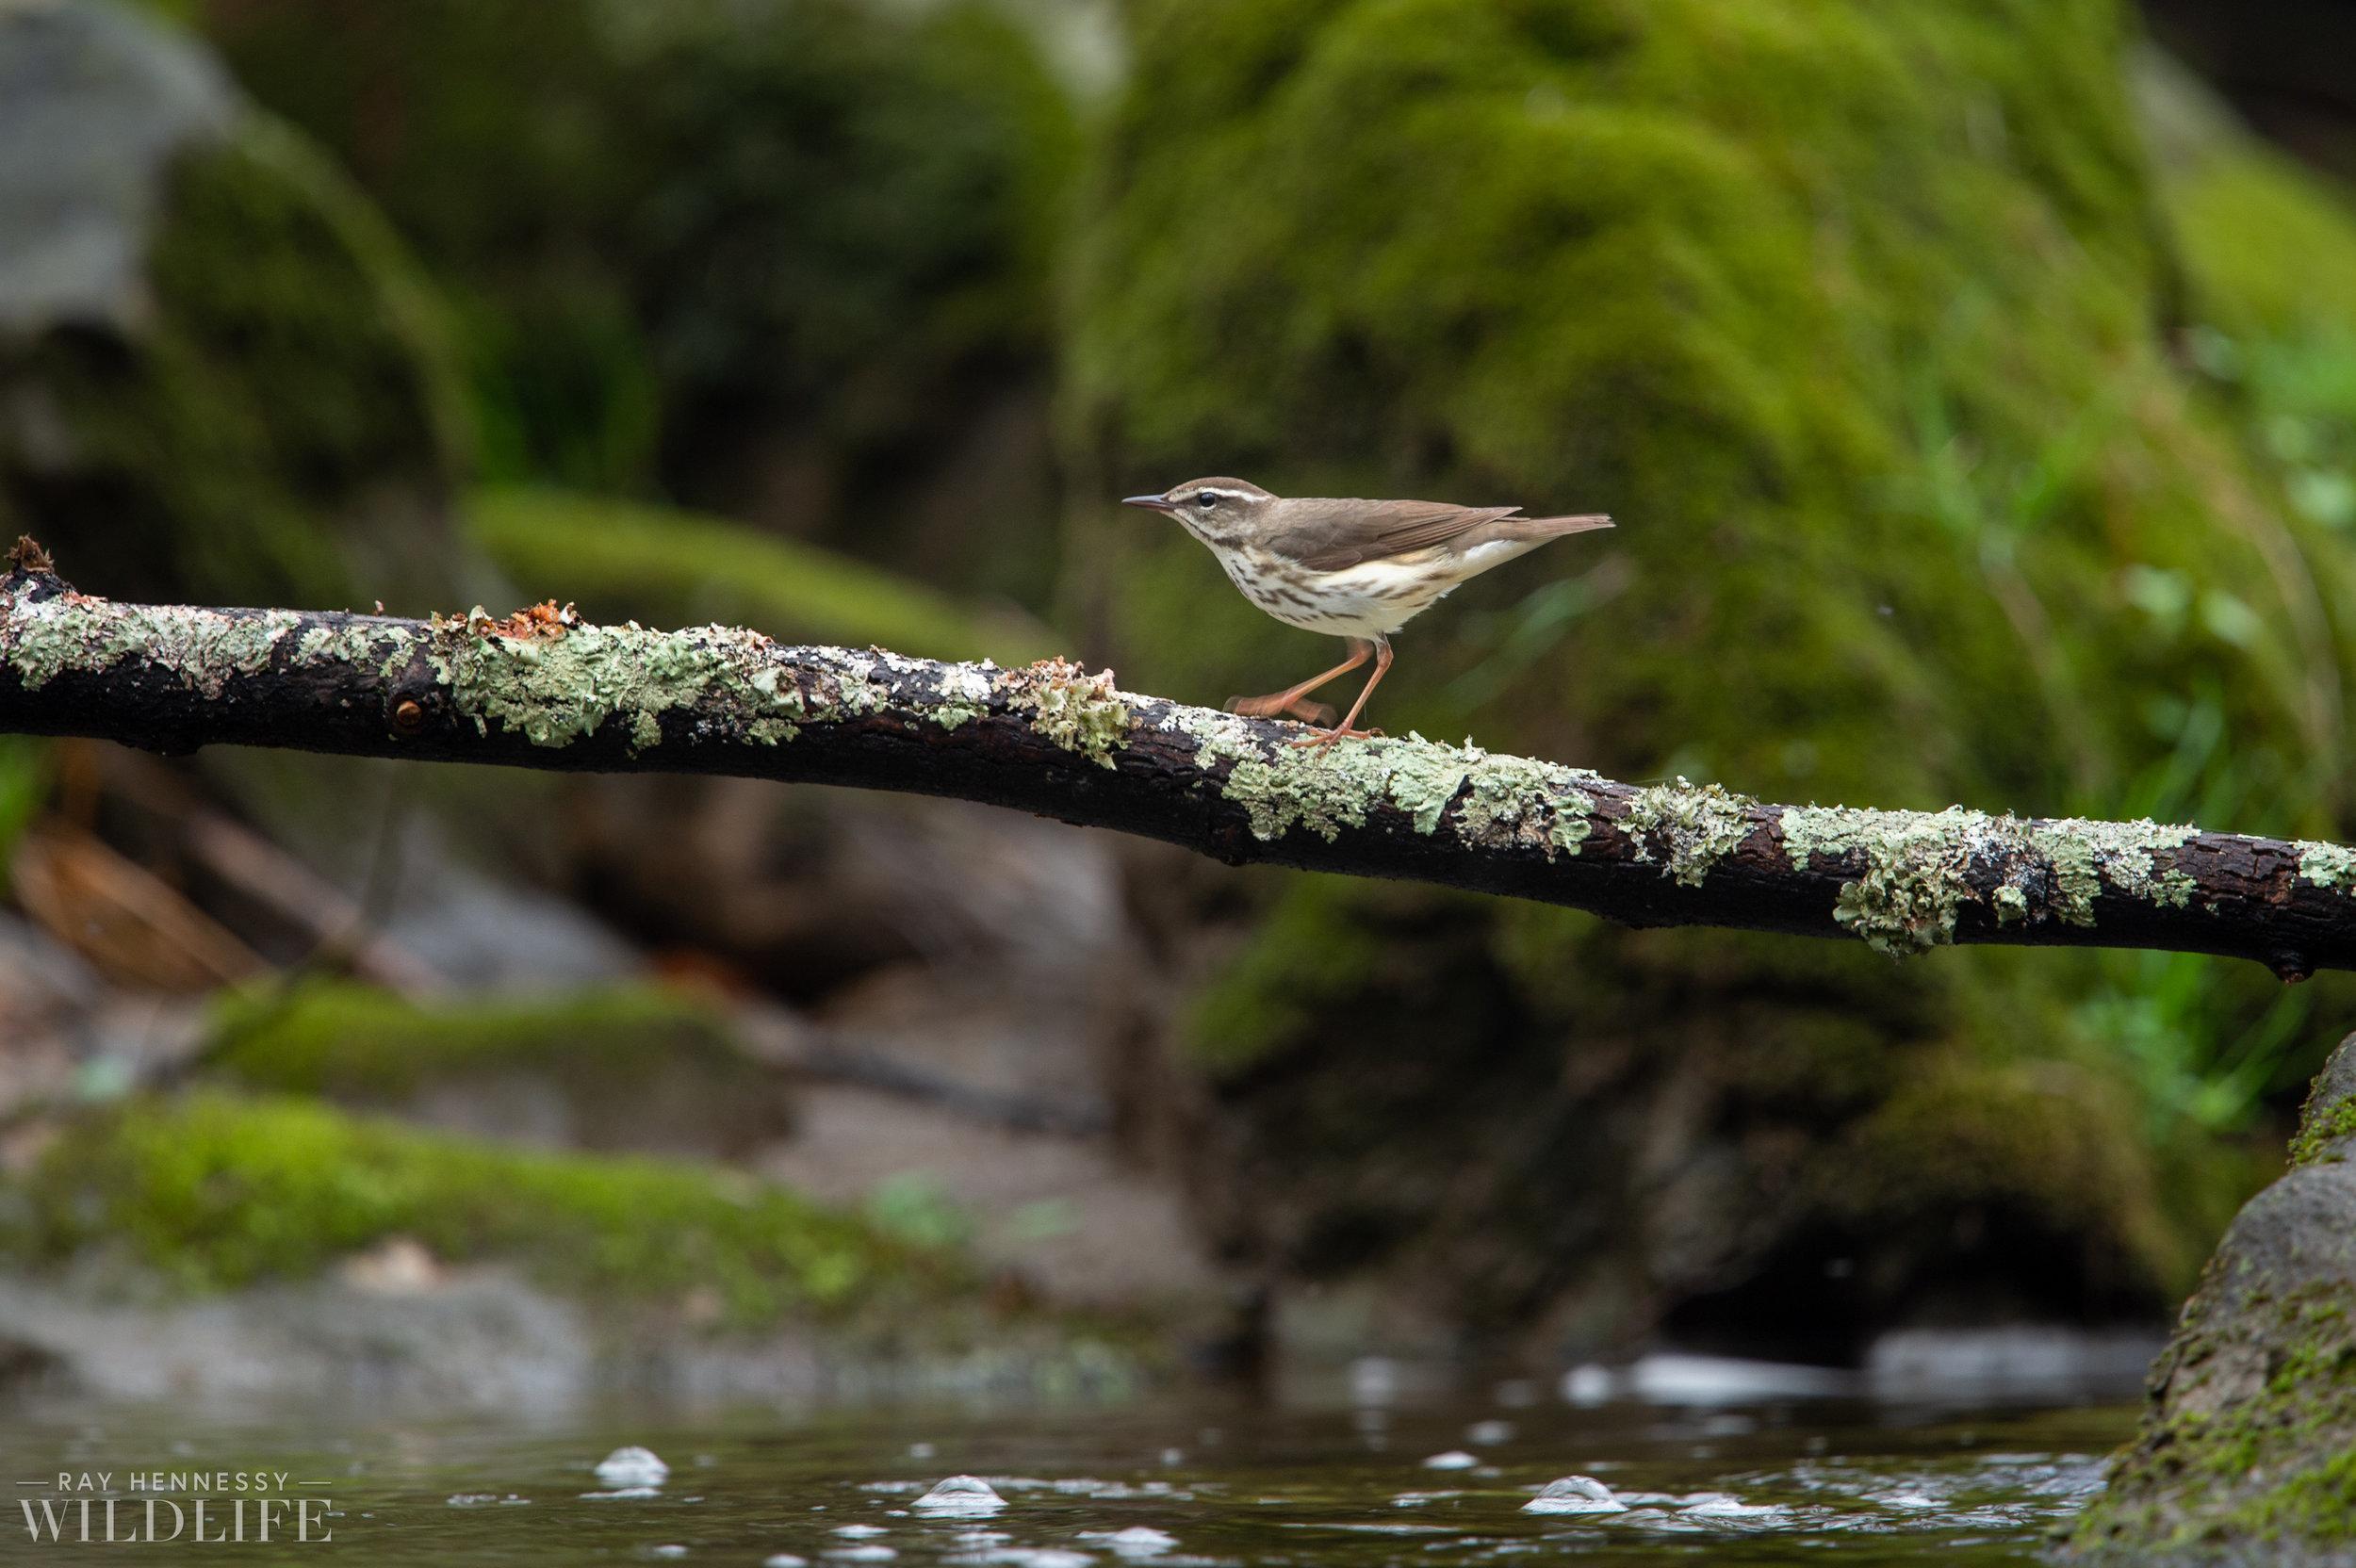 005_louisiana-waterthrush-pine-warbler.jpg